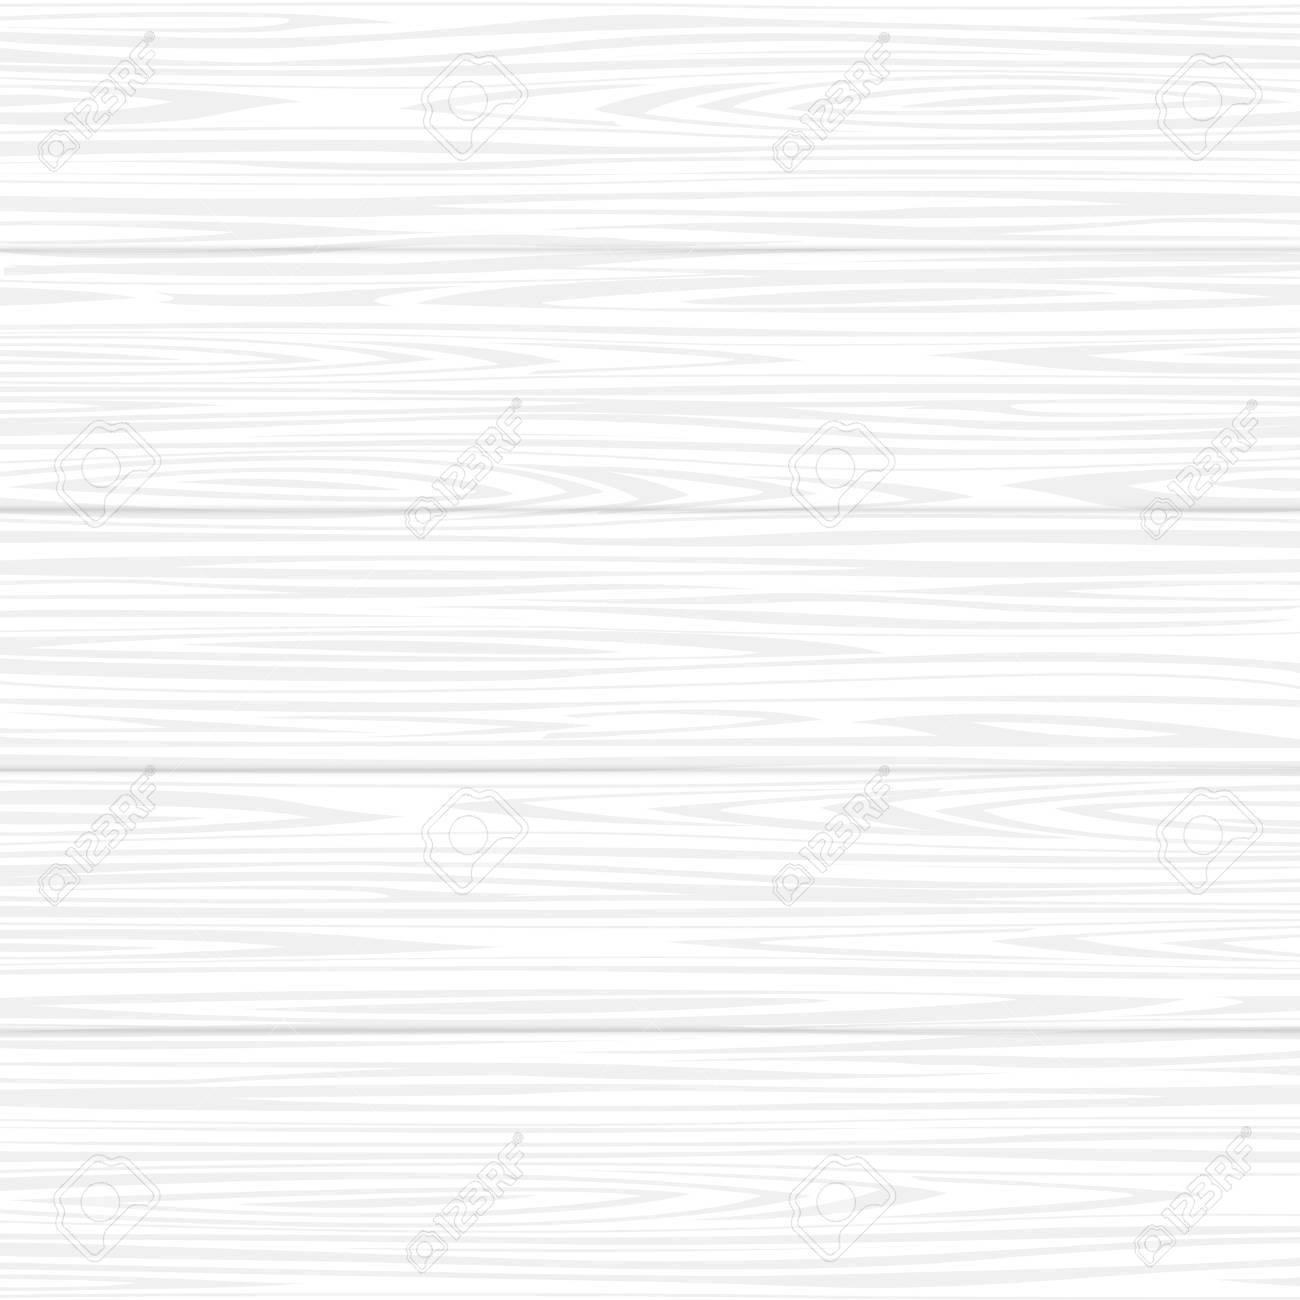 blanc et gris texture bois texture bois vieilles planches fond d ecran en bois clair vecteur de fond